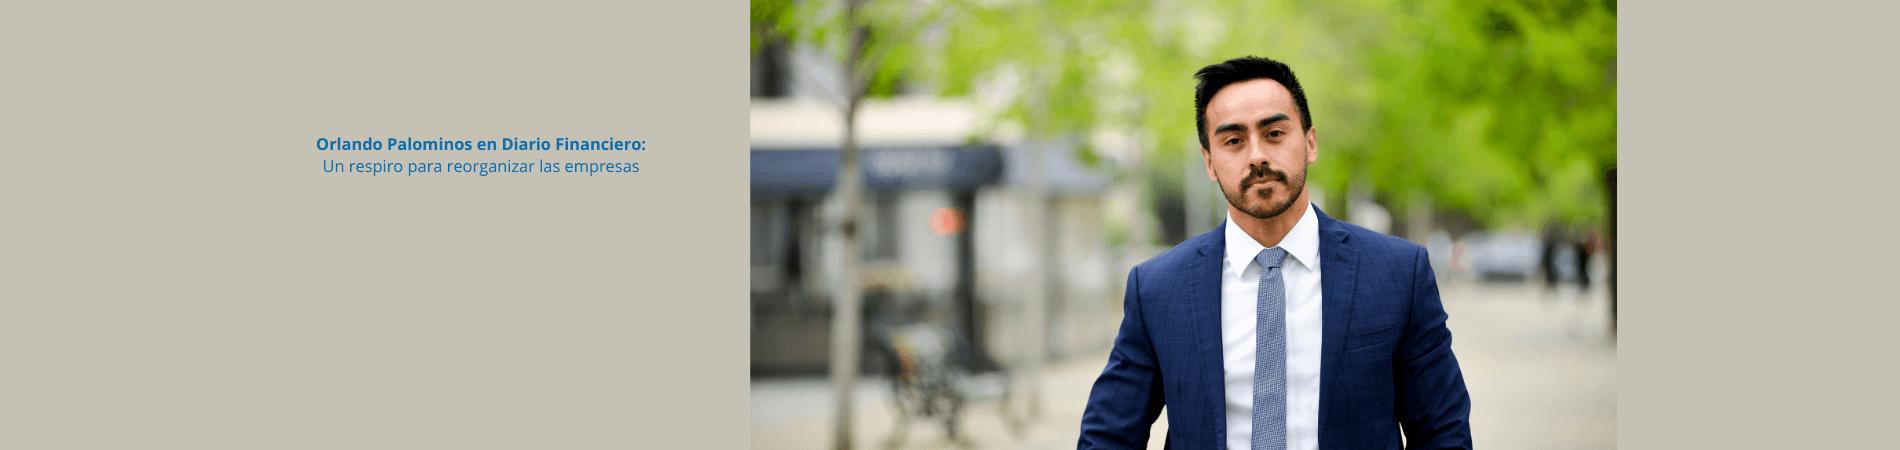 Orlando Palominos en Diario Financiero: Un respiro para reorganizar las empresas